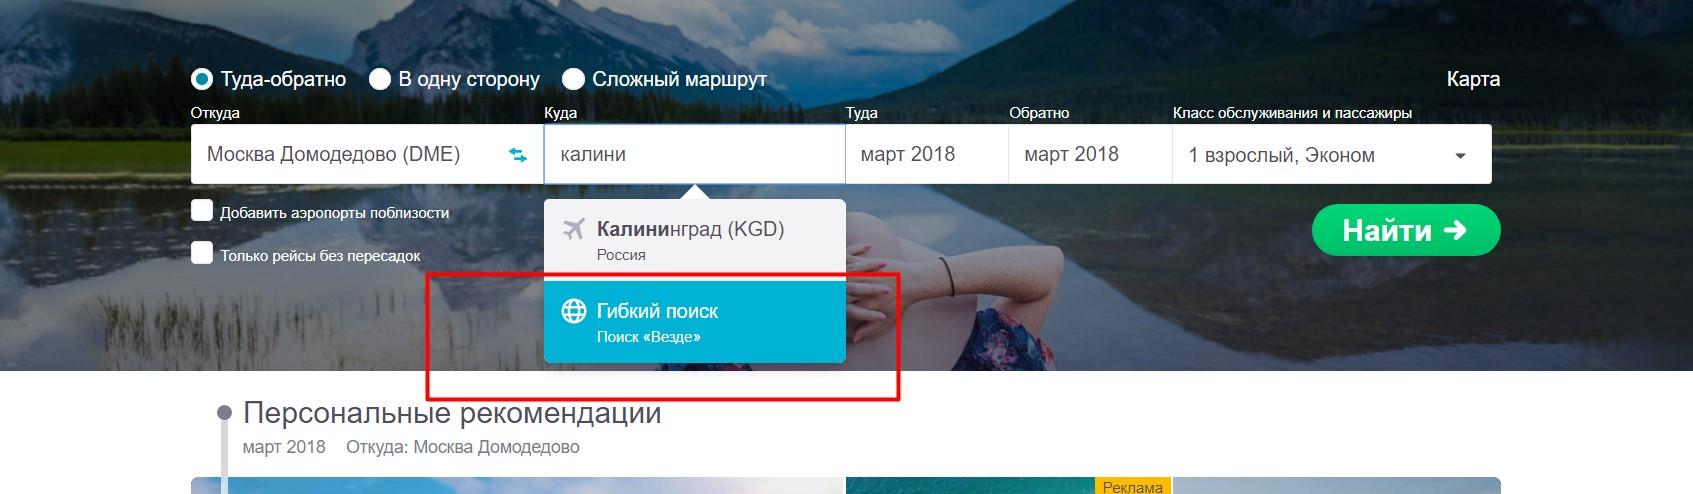 Рейс U6 547 Санкт Петербург Сочи самолет Airbus A320